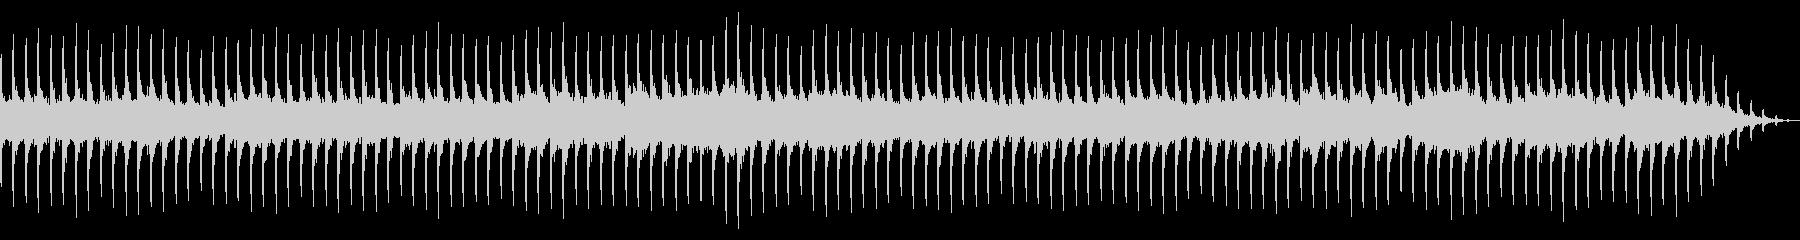 裸のための環境音楽の未再生の波形